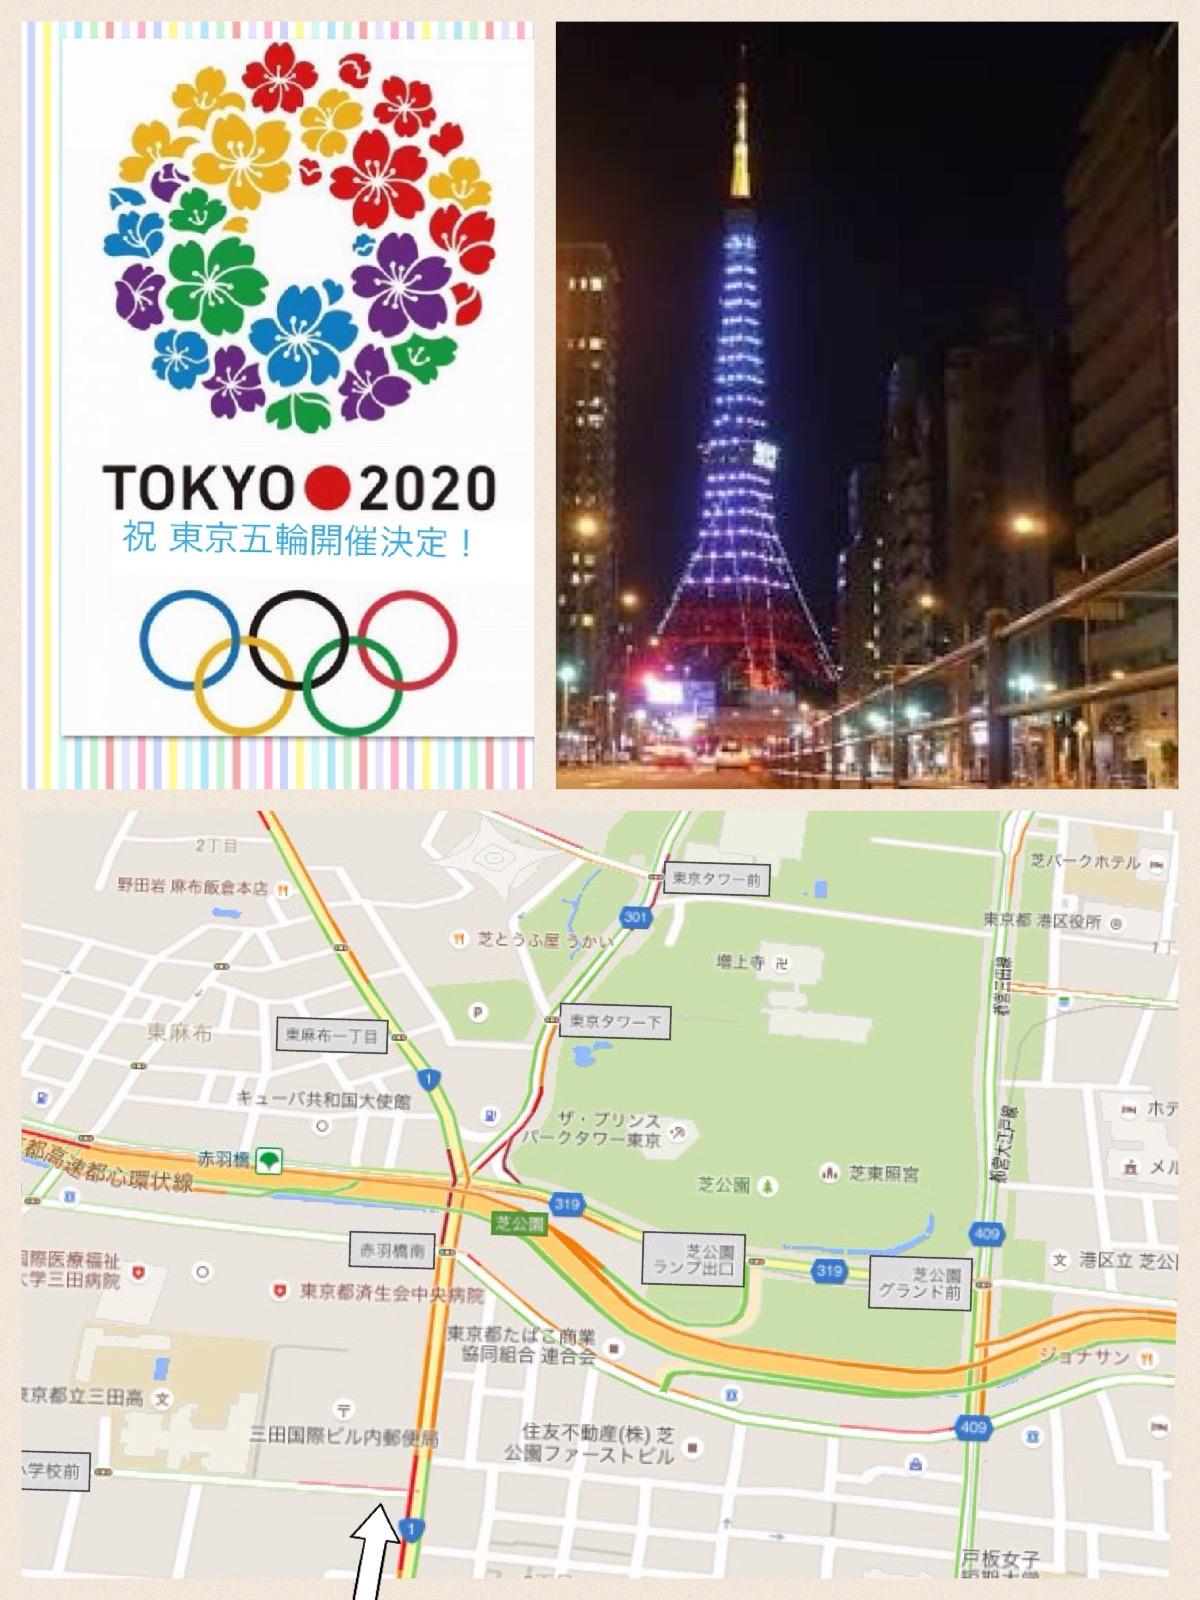 クルマの撮影スポット 三田一丁目付近 東京タワー